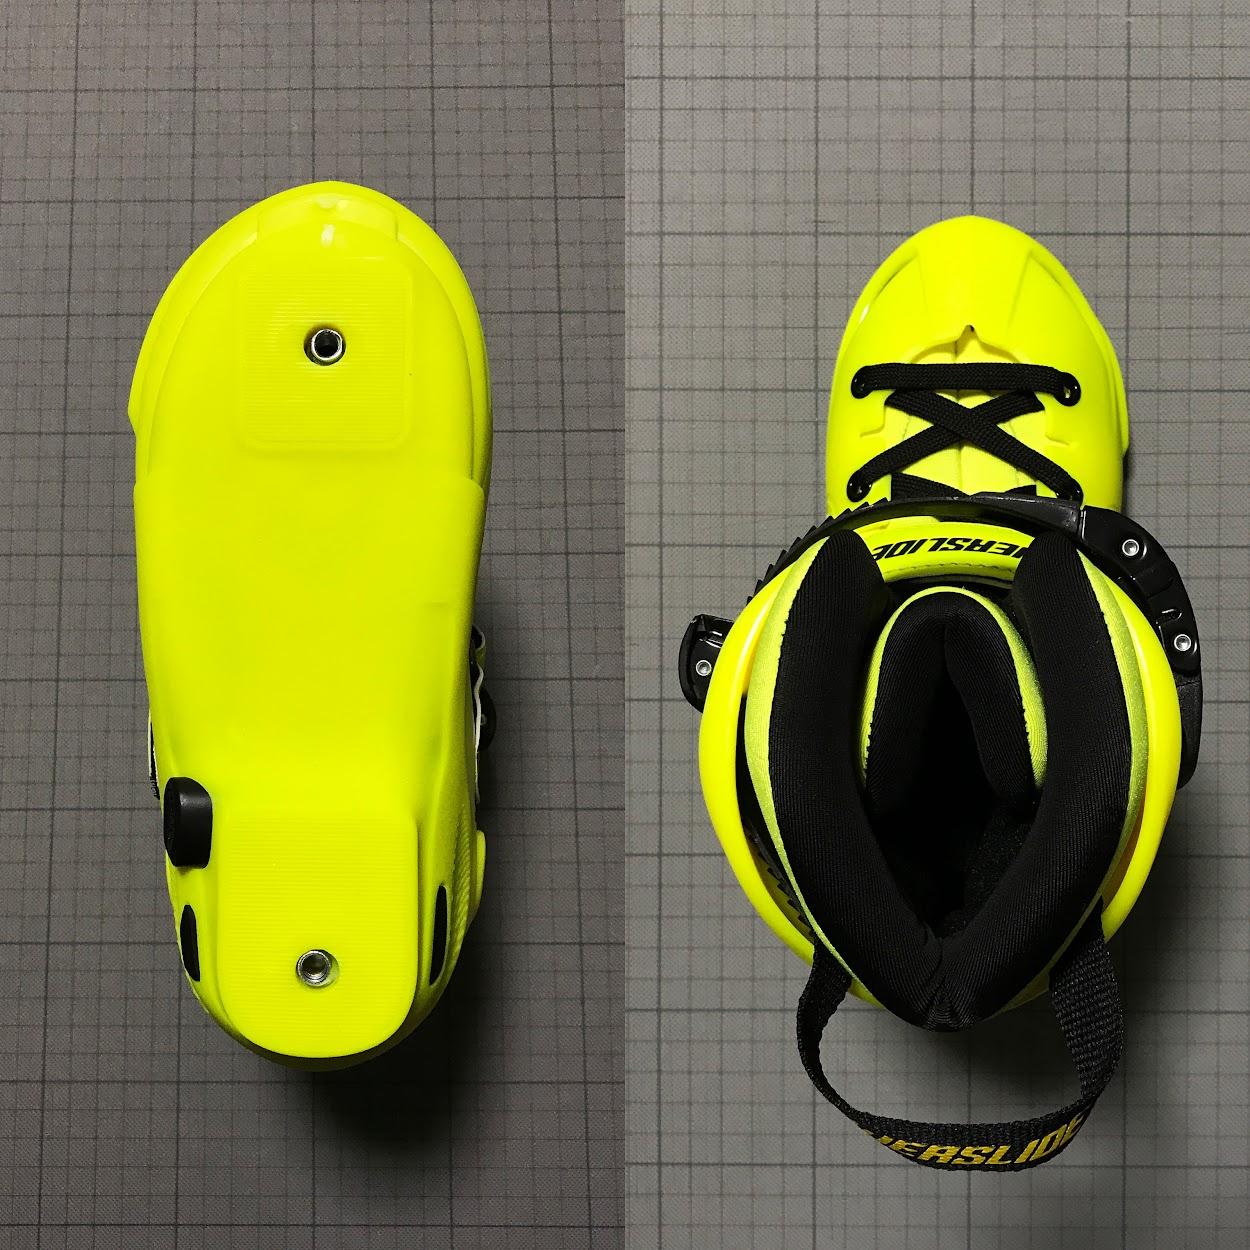 左:ブーツのソール裏の写真 右:ブーツの上からの写真